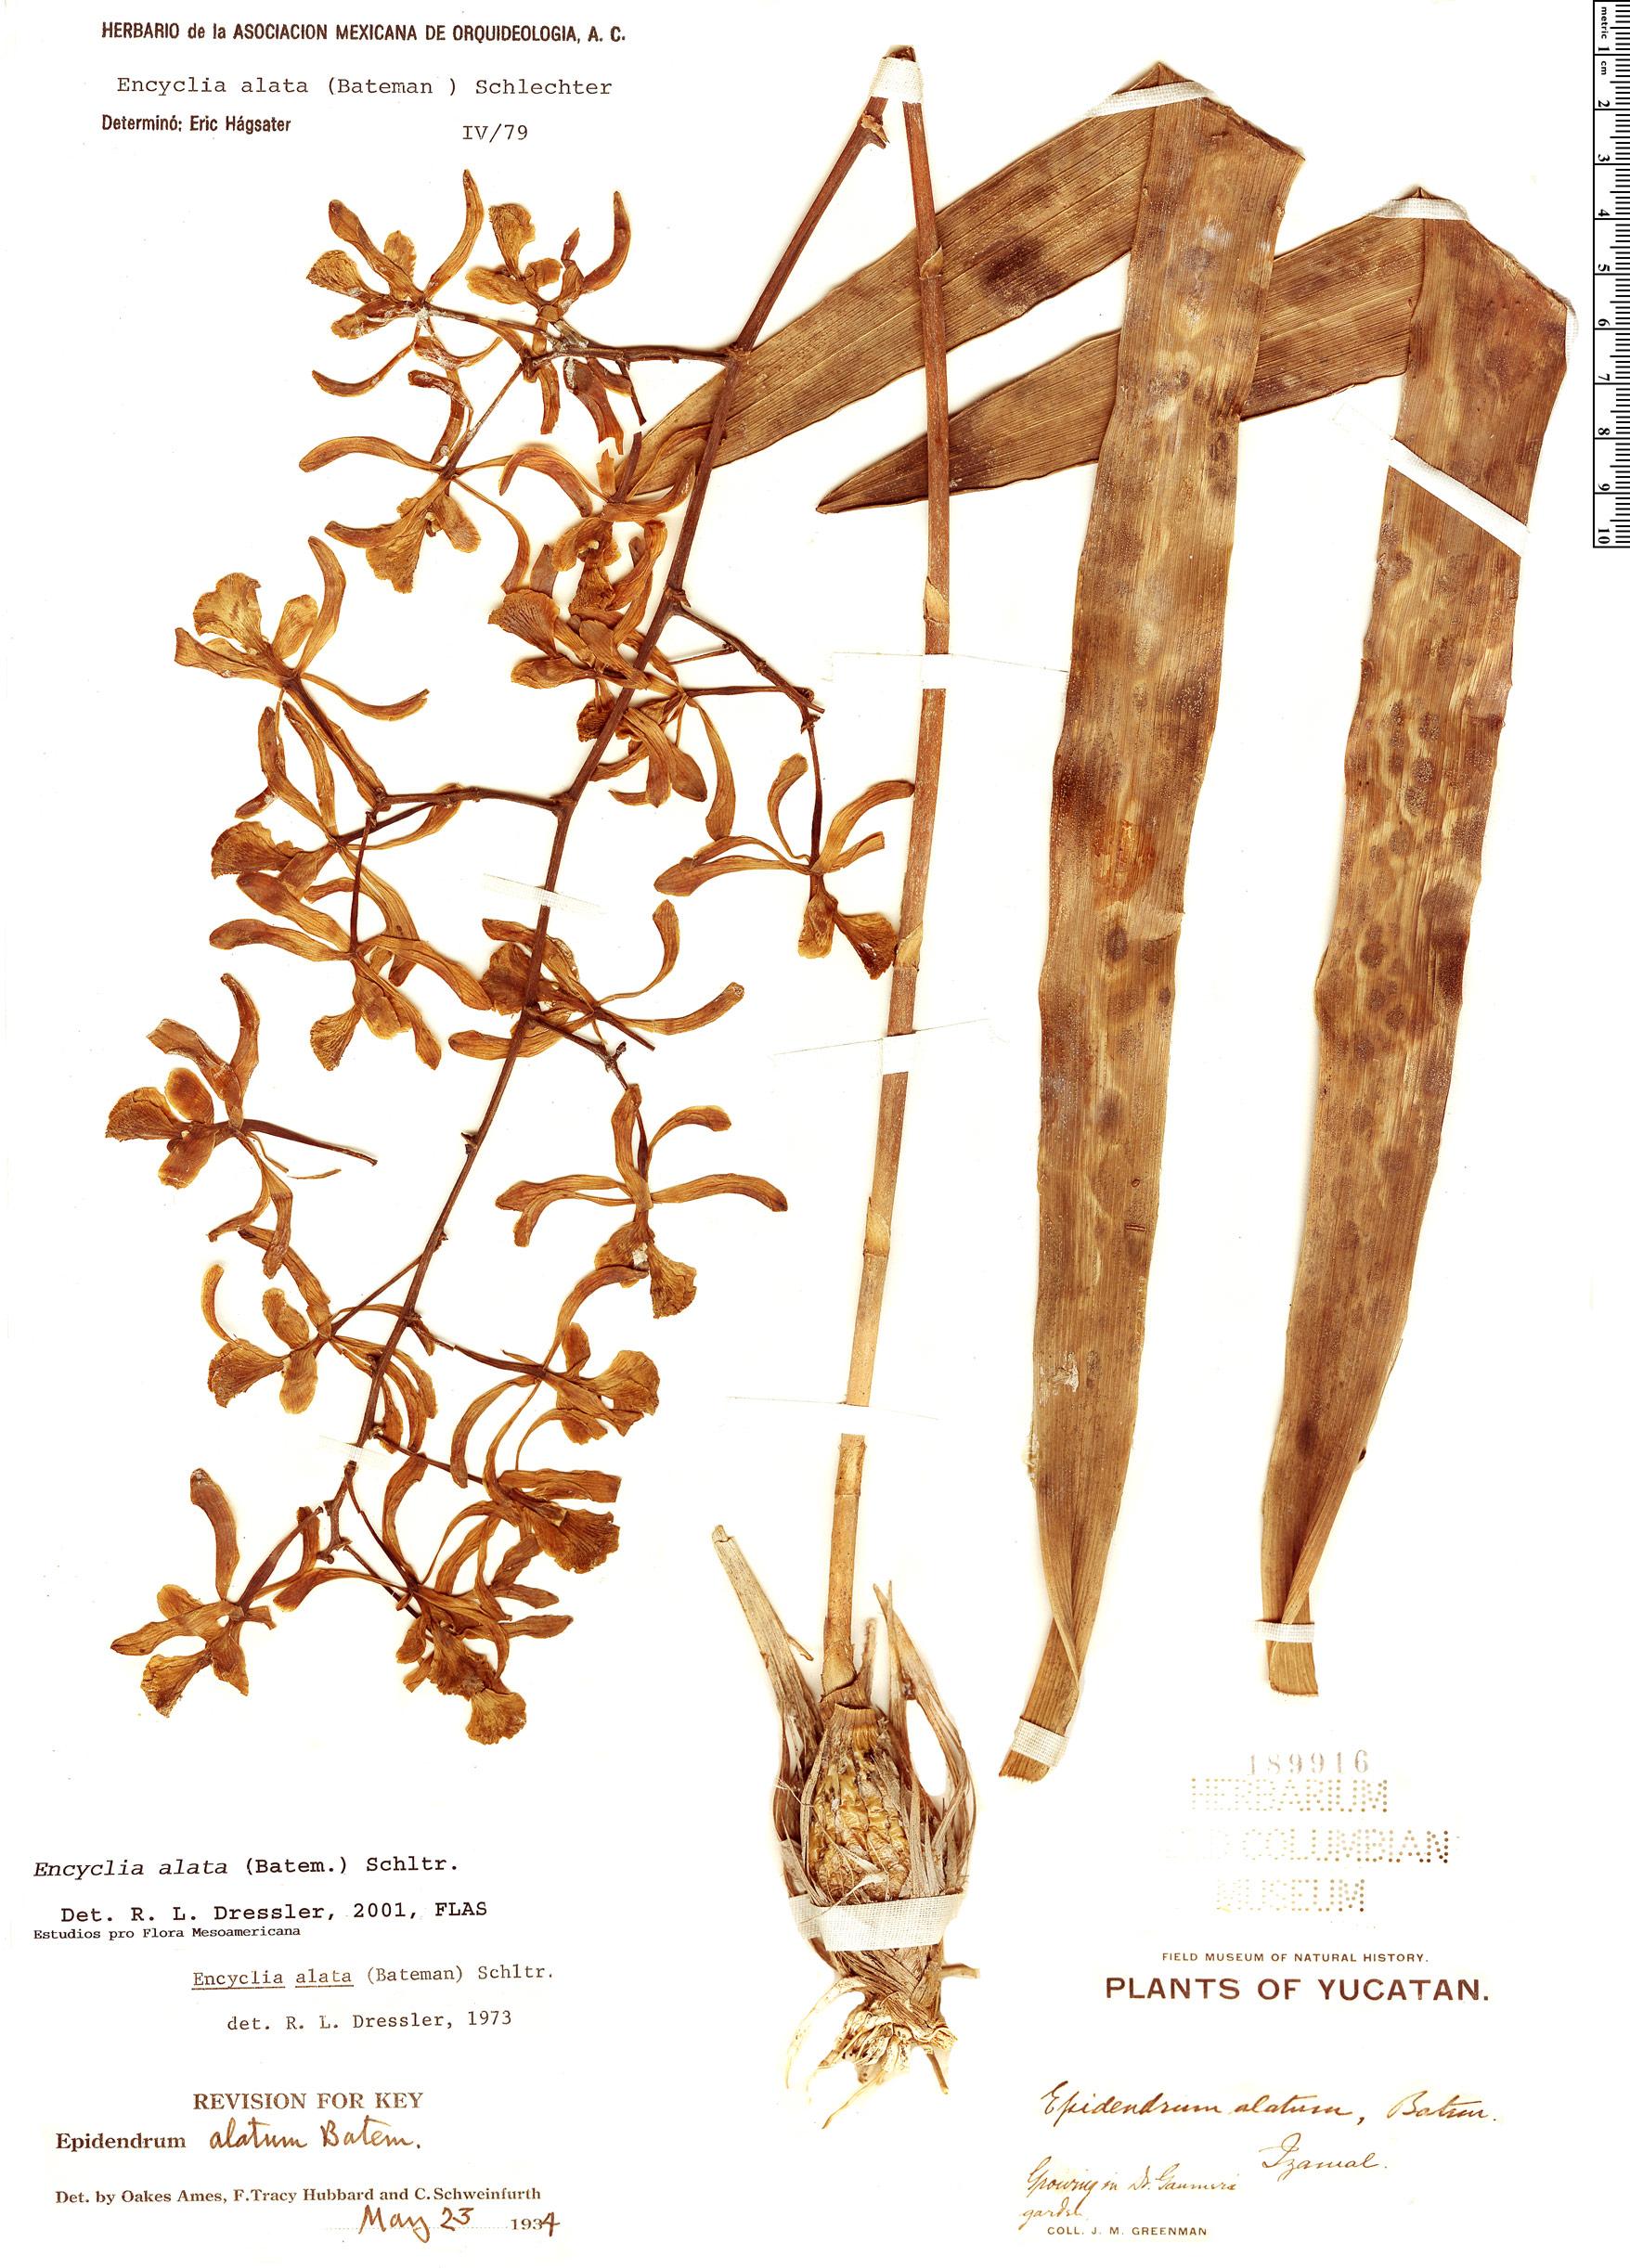 Specimen: Encyclia alata